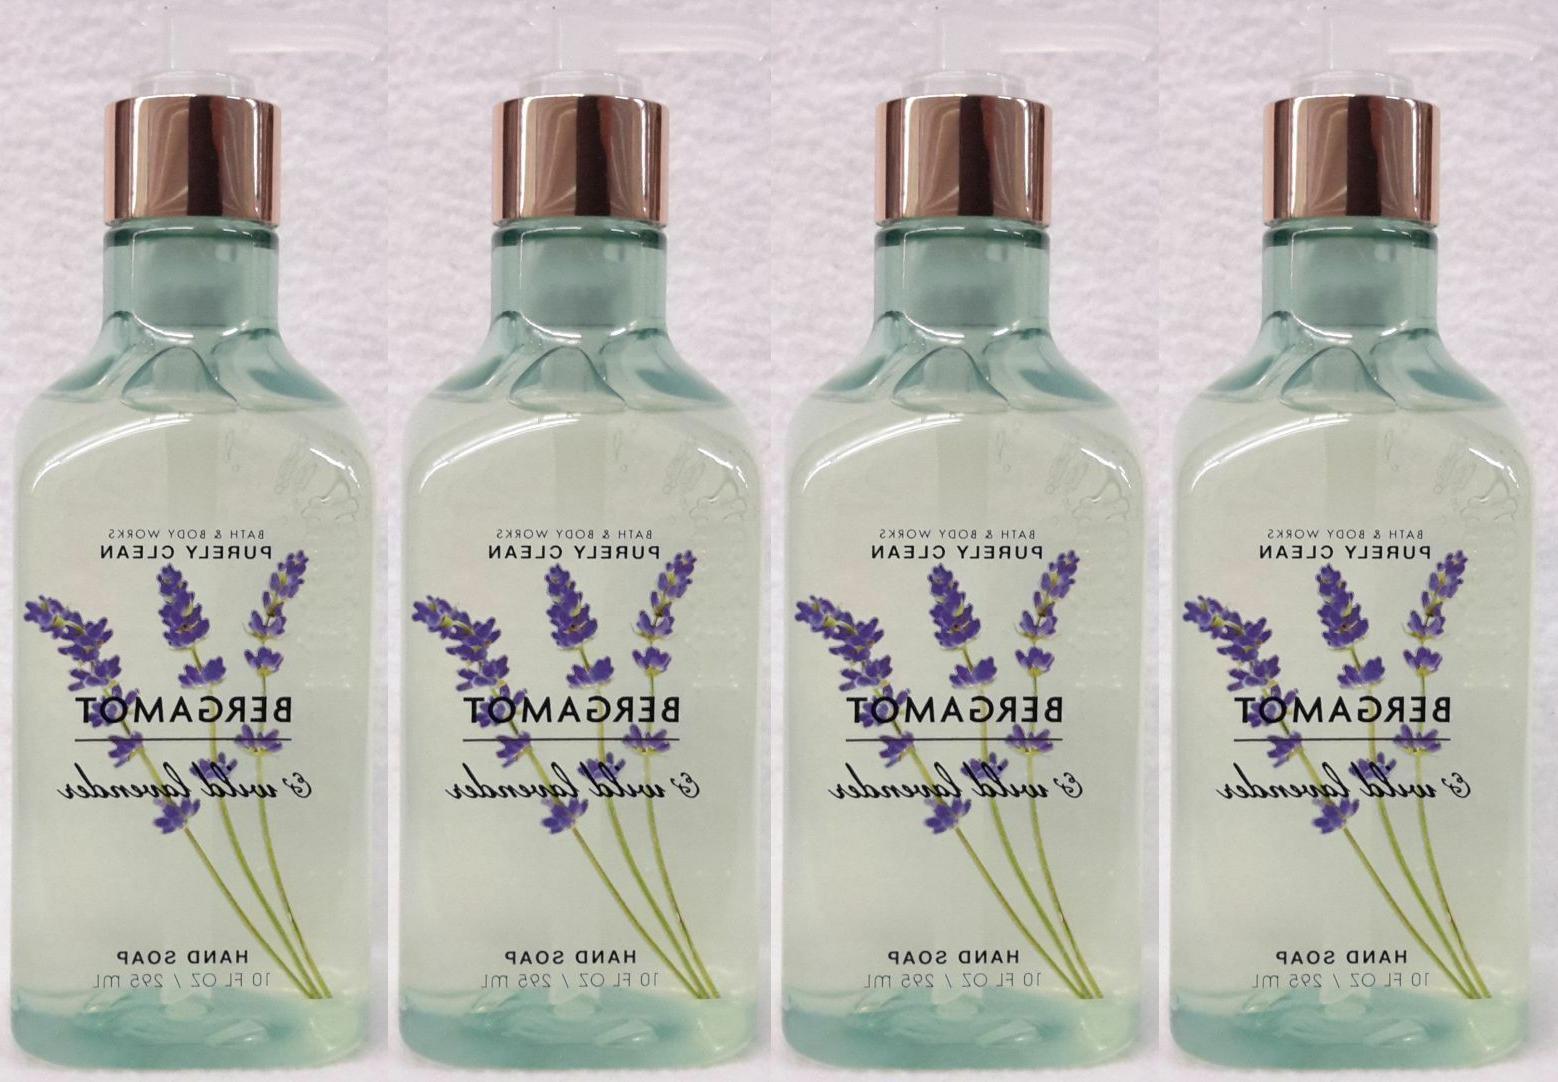 4 Bath & Body Works BERGAMOT & WILD LAVENDER Purely Clean Ge